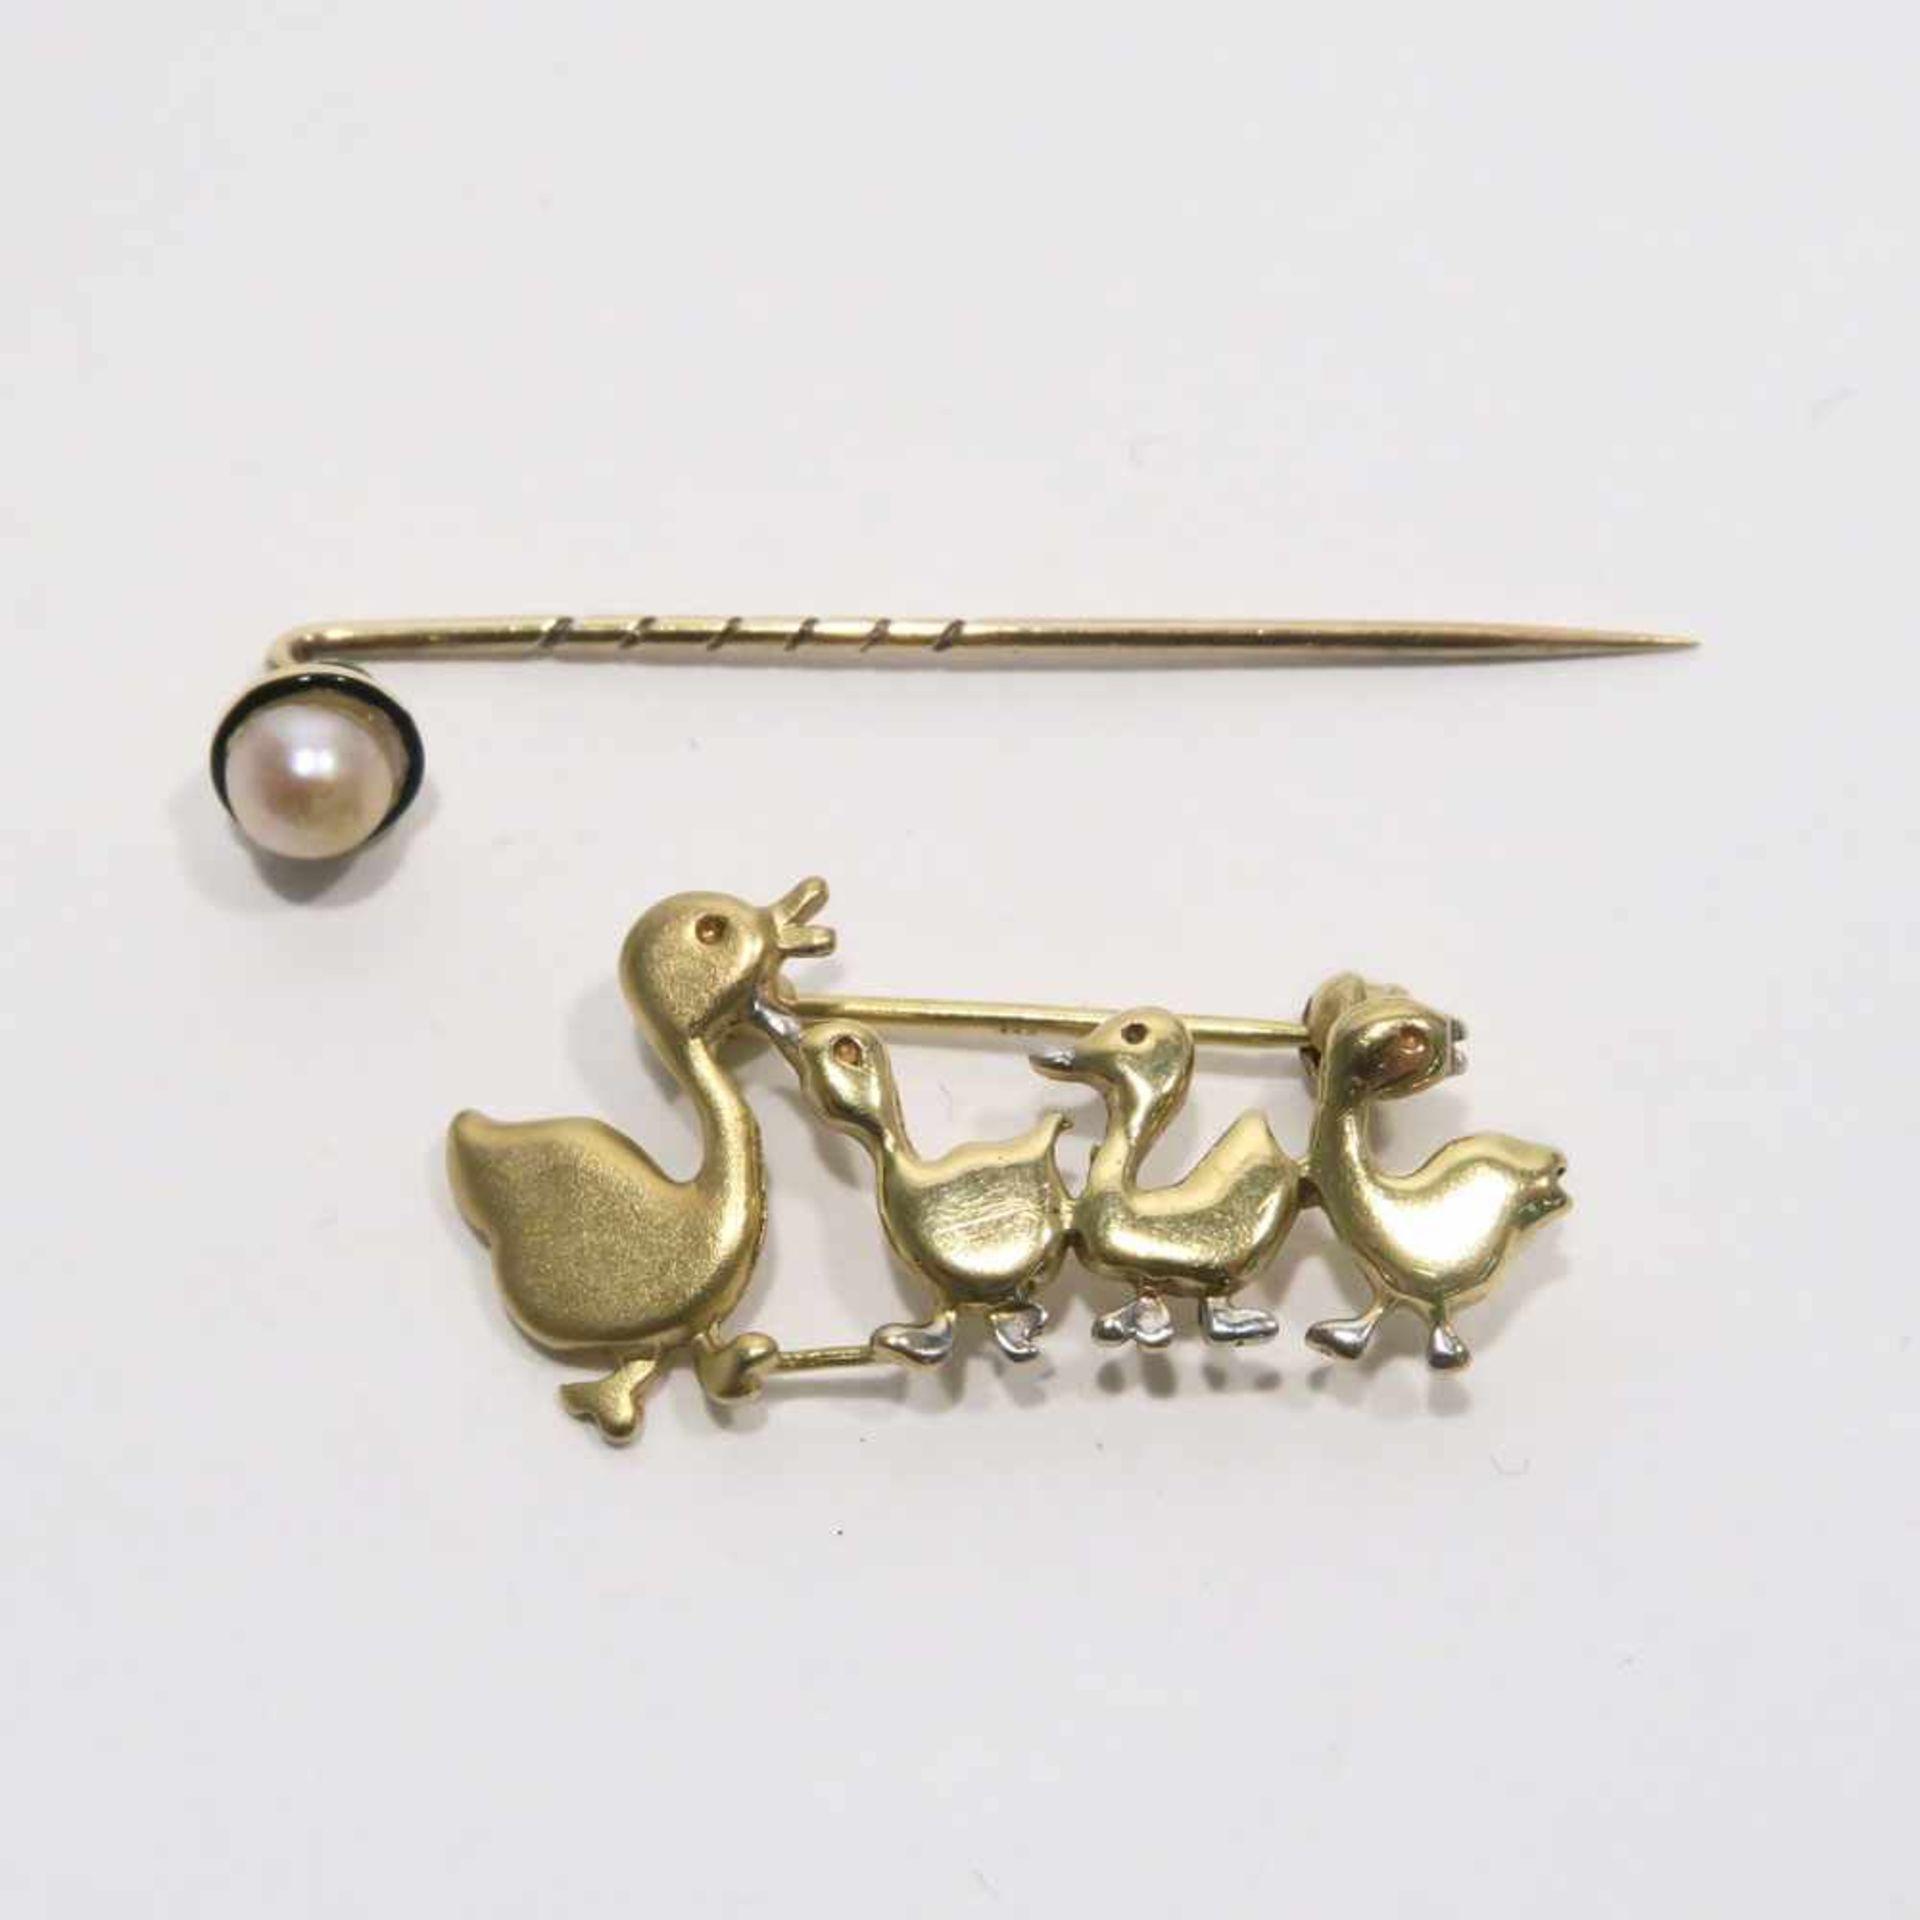 Krawattennadel und Brosche14 K bzw. 8 K GG/WG, (geprüft). Die Krawattennadel mit einer Perle